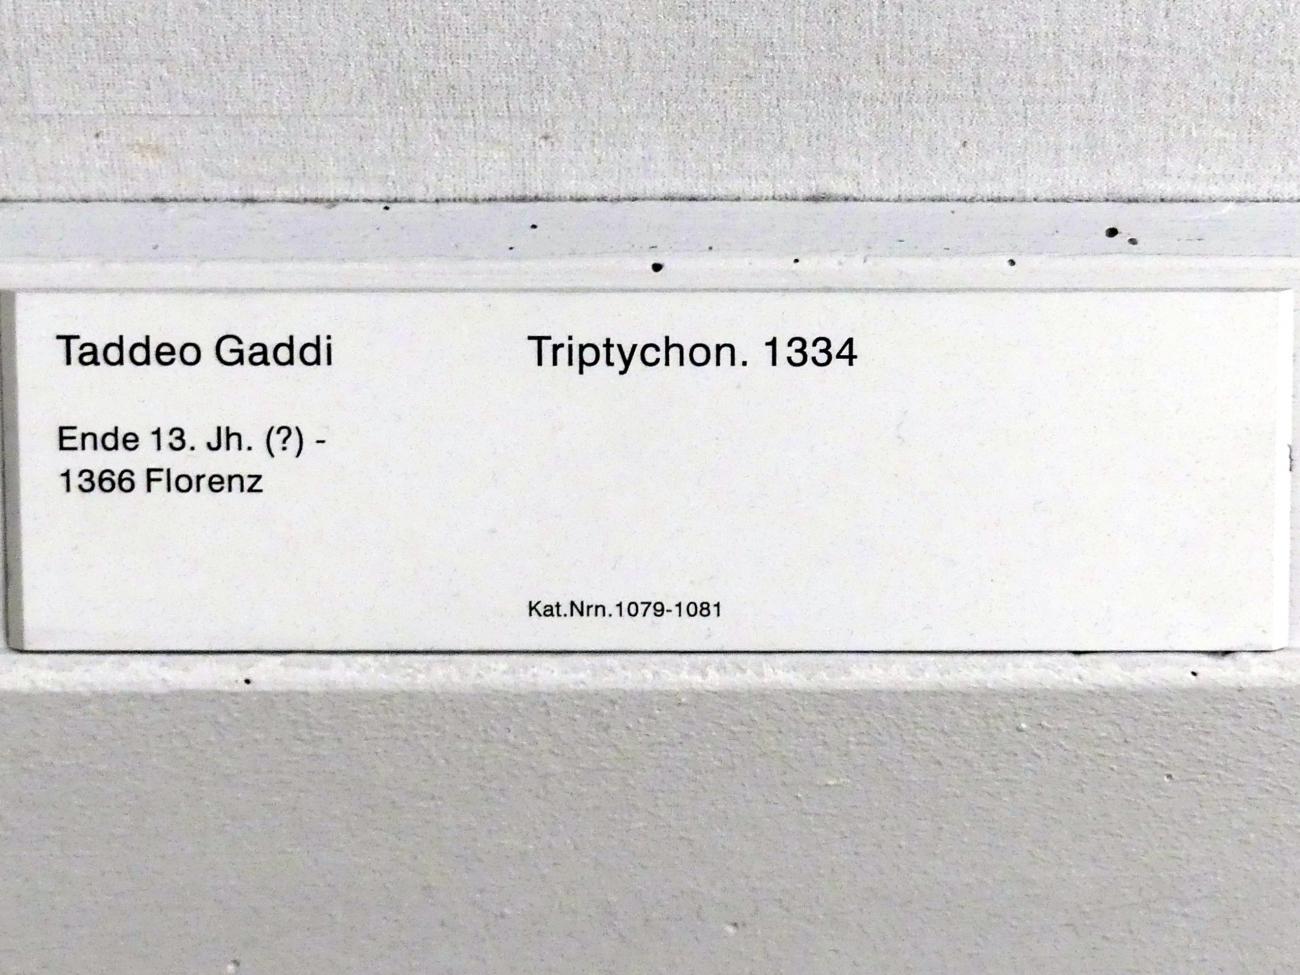 Taddeo Gaddi: Triptychon, 1334, Bild 5/5